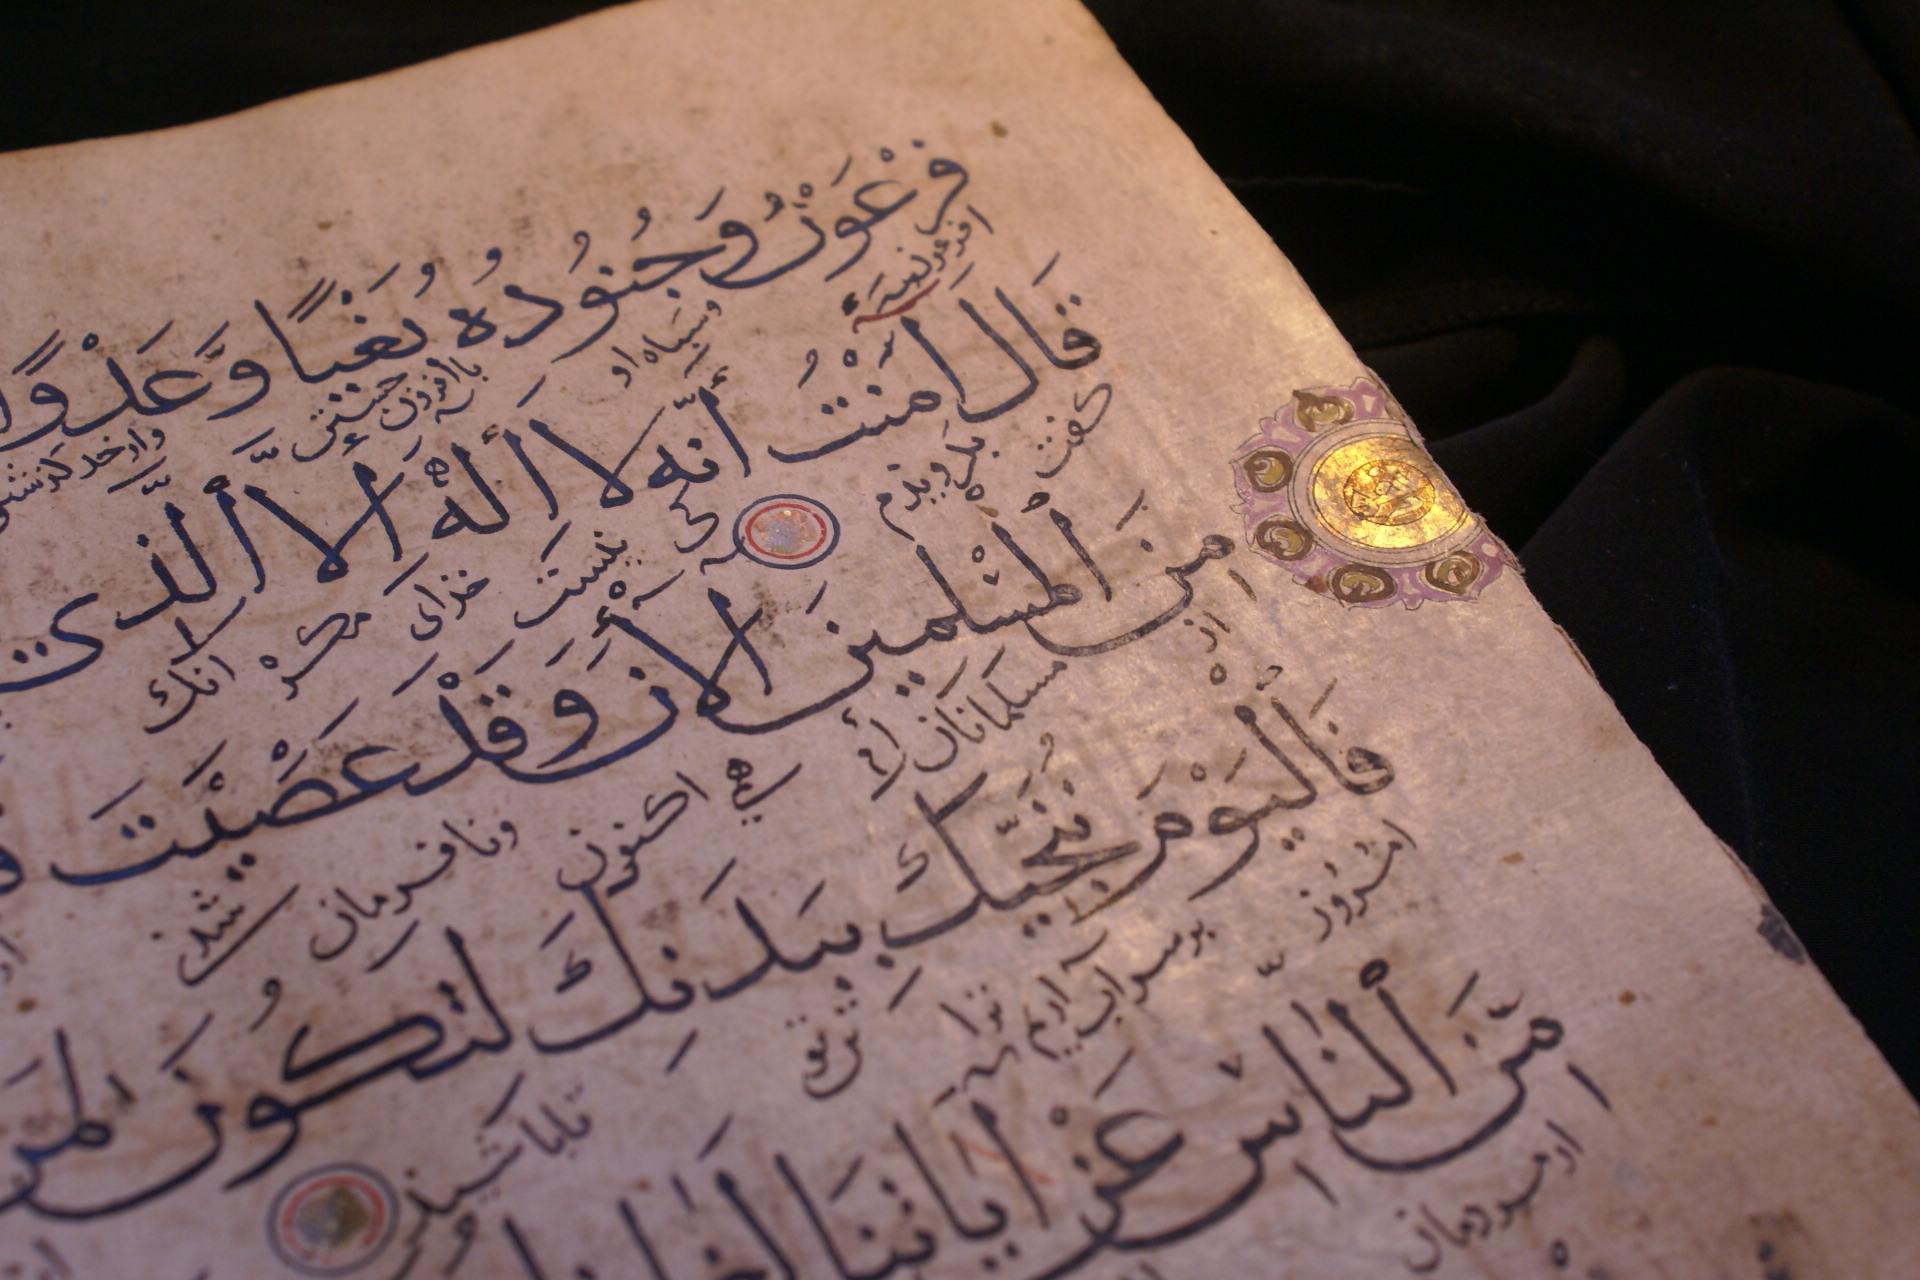 Quran Calligraphy Fonts 39 Full Quran Online 39 39 Shia Quran